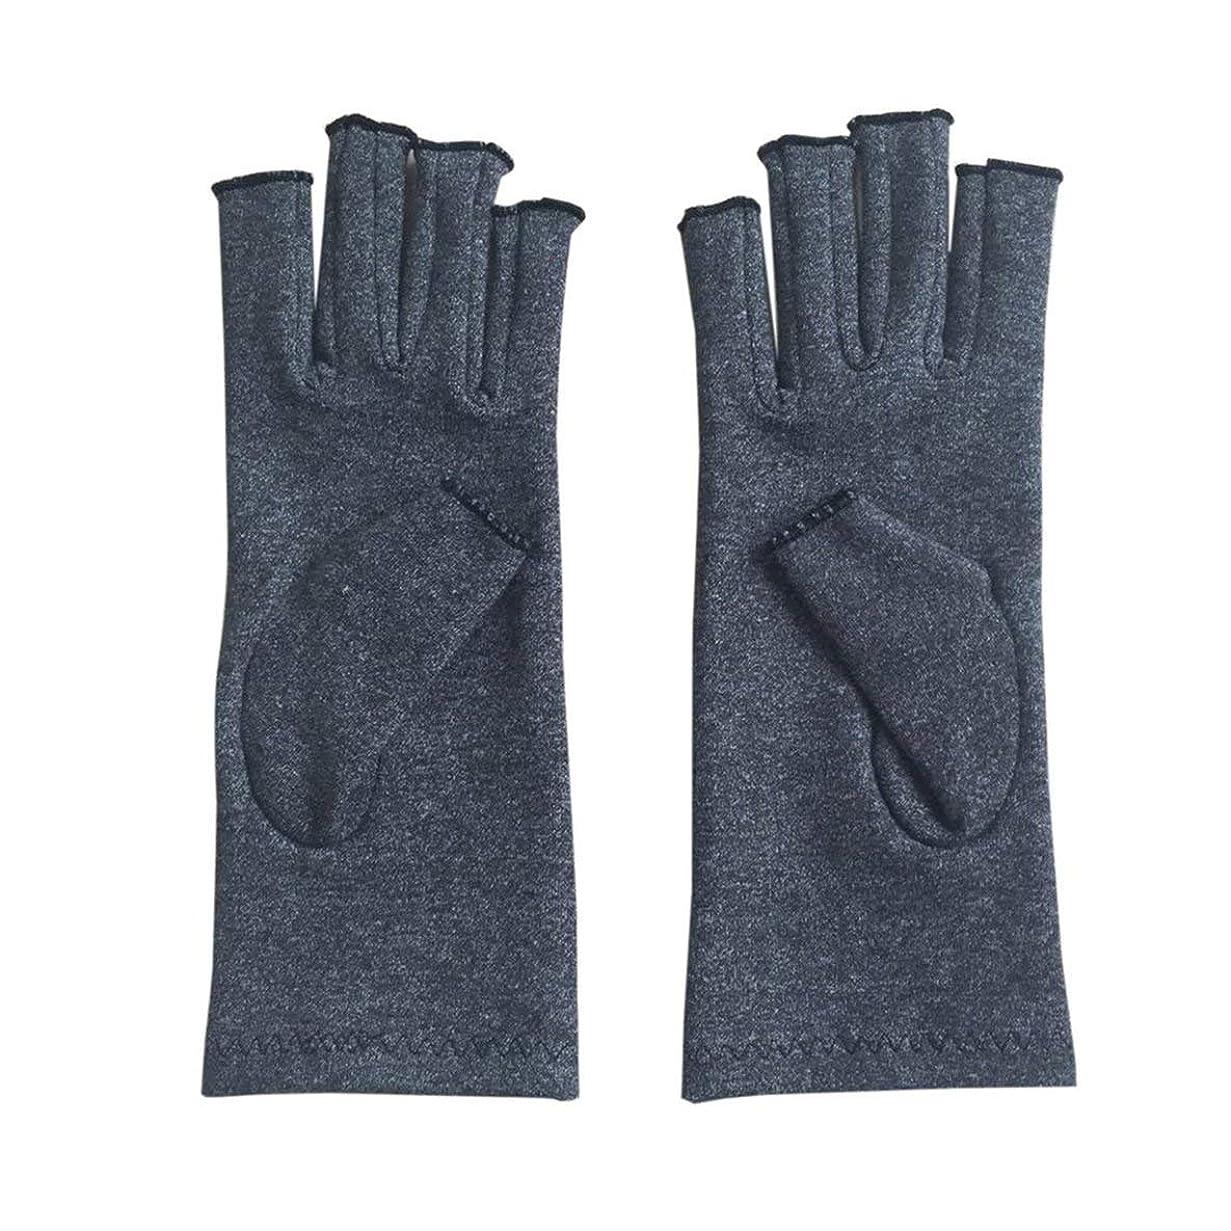 思慮のない任意グリルペア/セット快適な男性女性療法圧縮手袋無地通気性関節炎関節痛緩和手袋 - グレーM